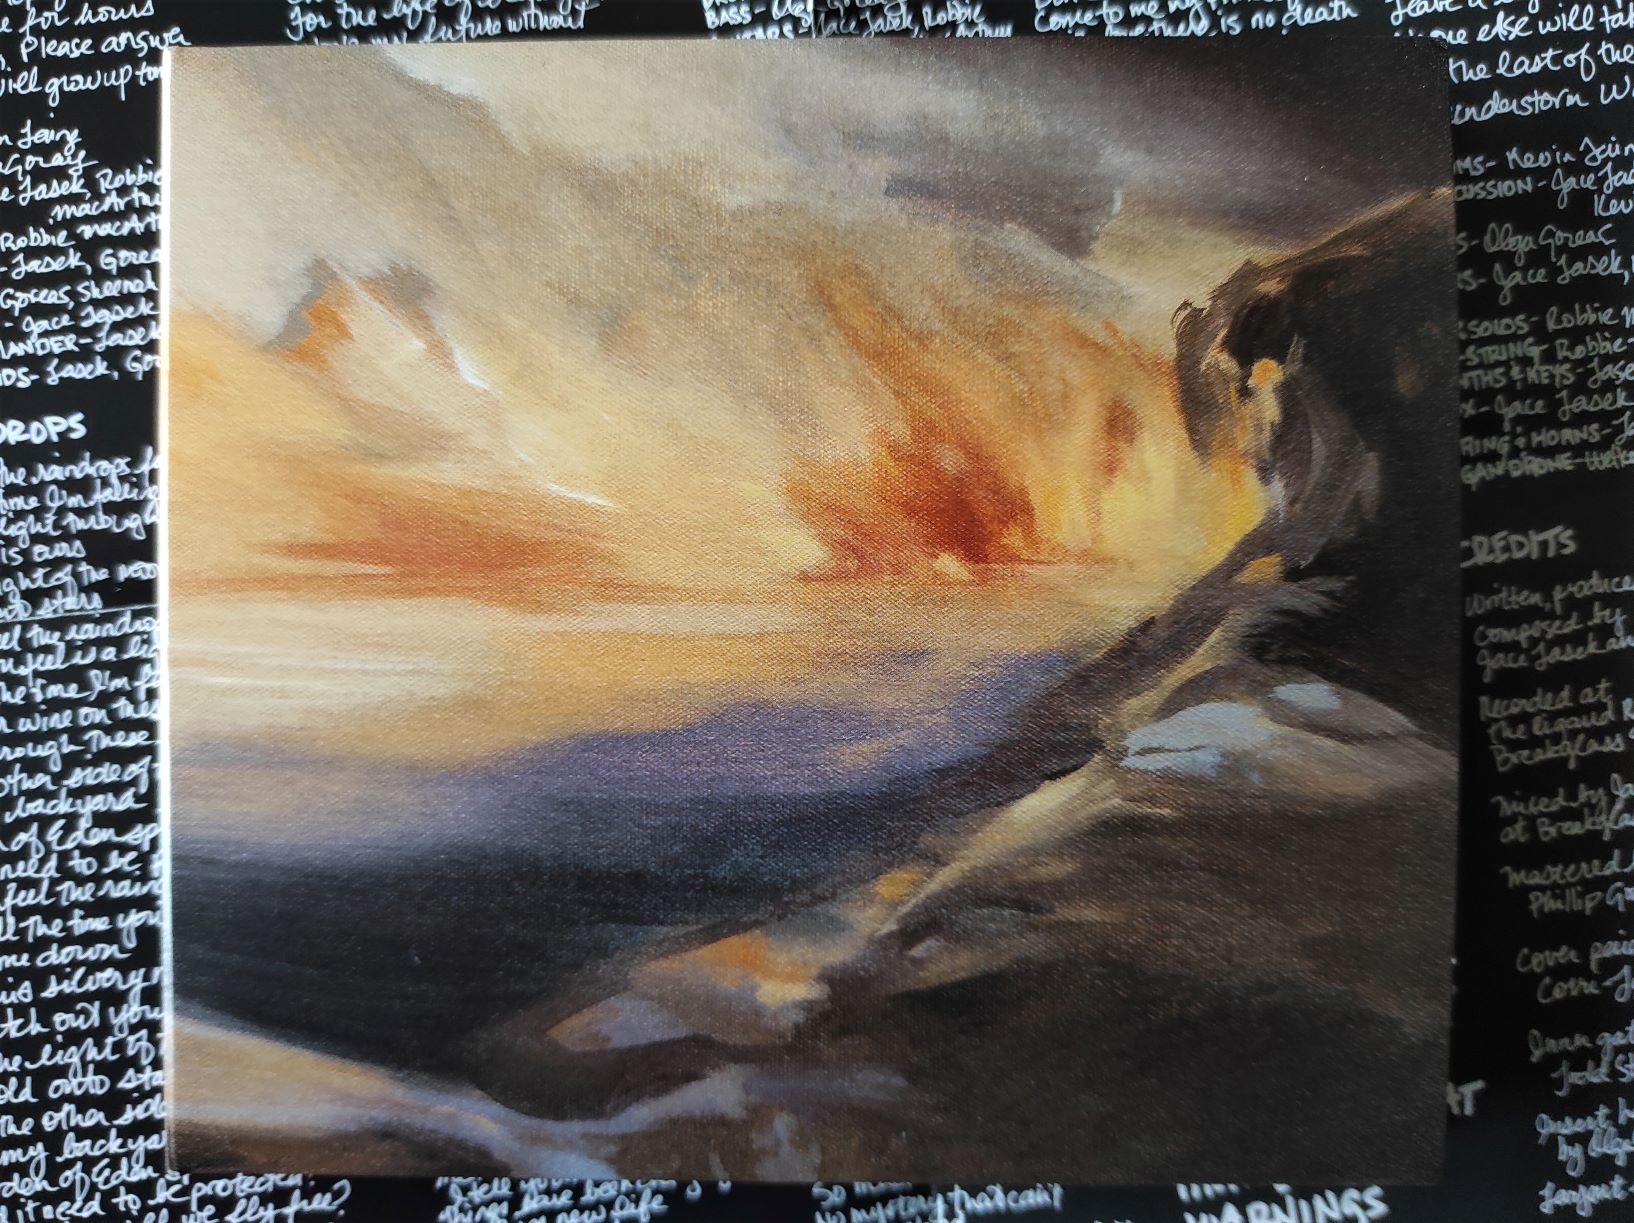 Pochette du 6ème album de The Besnard Lakes janvier 2021